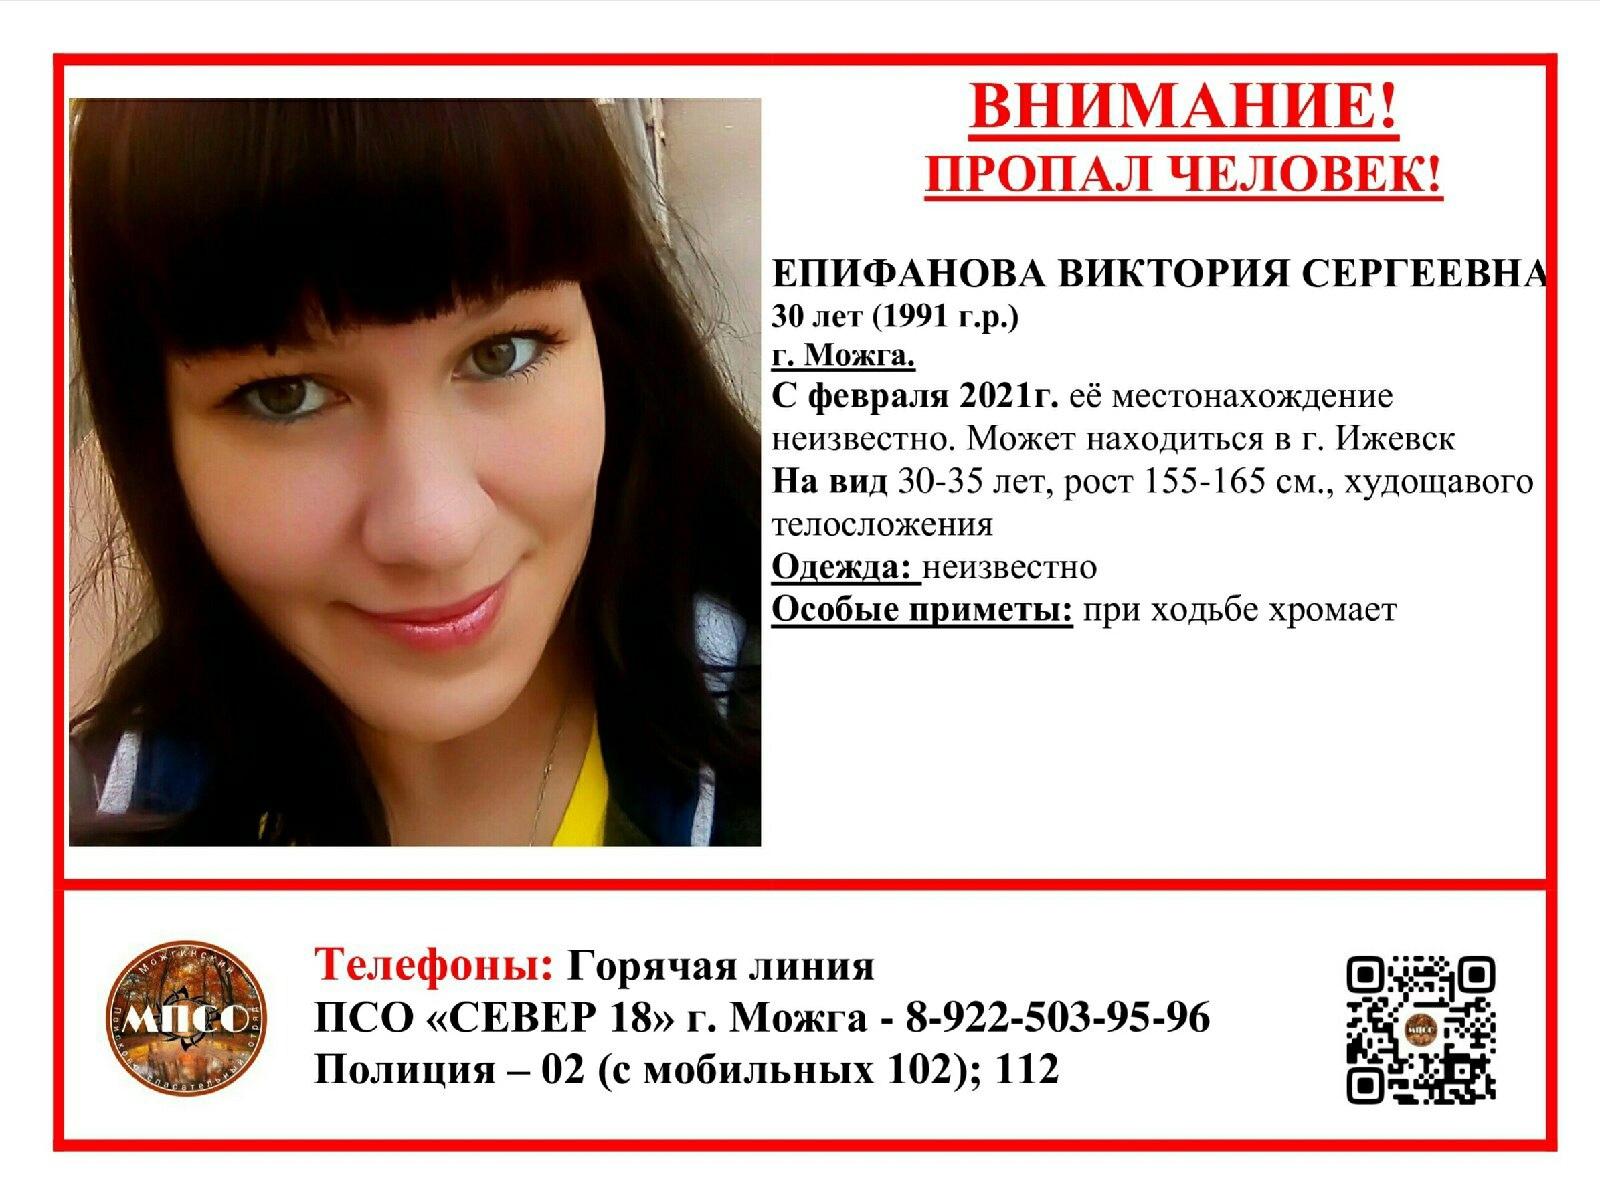 Внимание, пропал человек!Епифанова Виктория Сергеевна, 30 лет